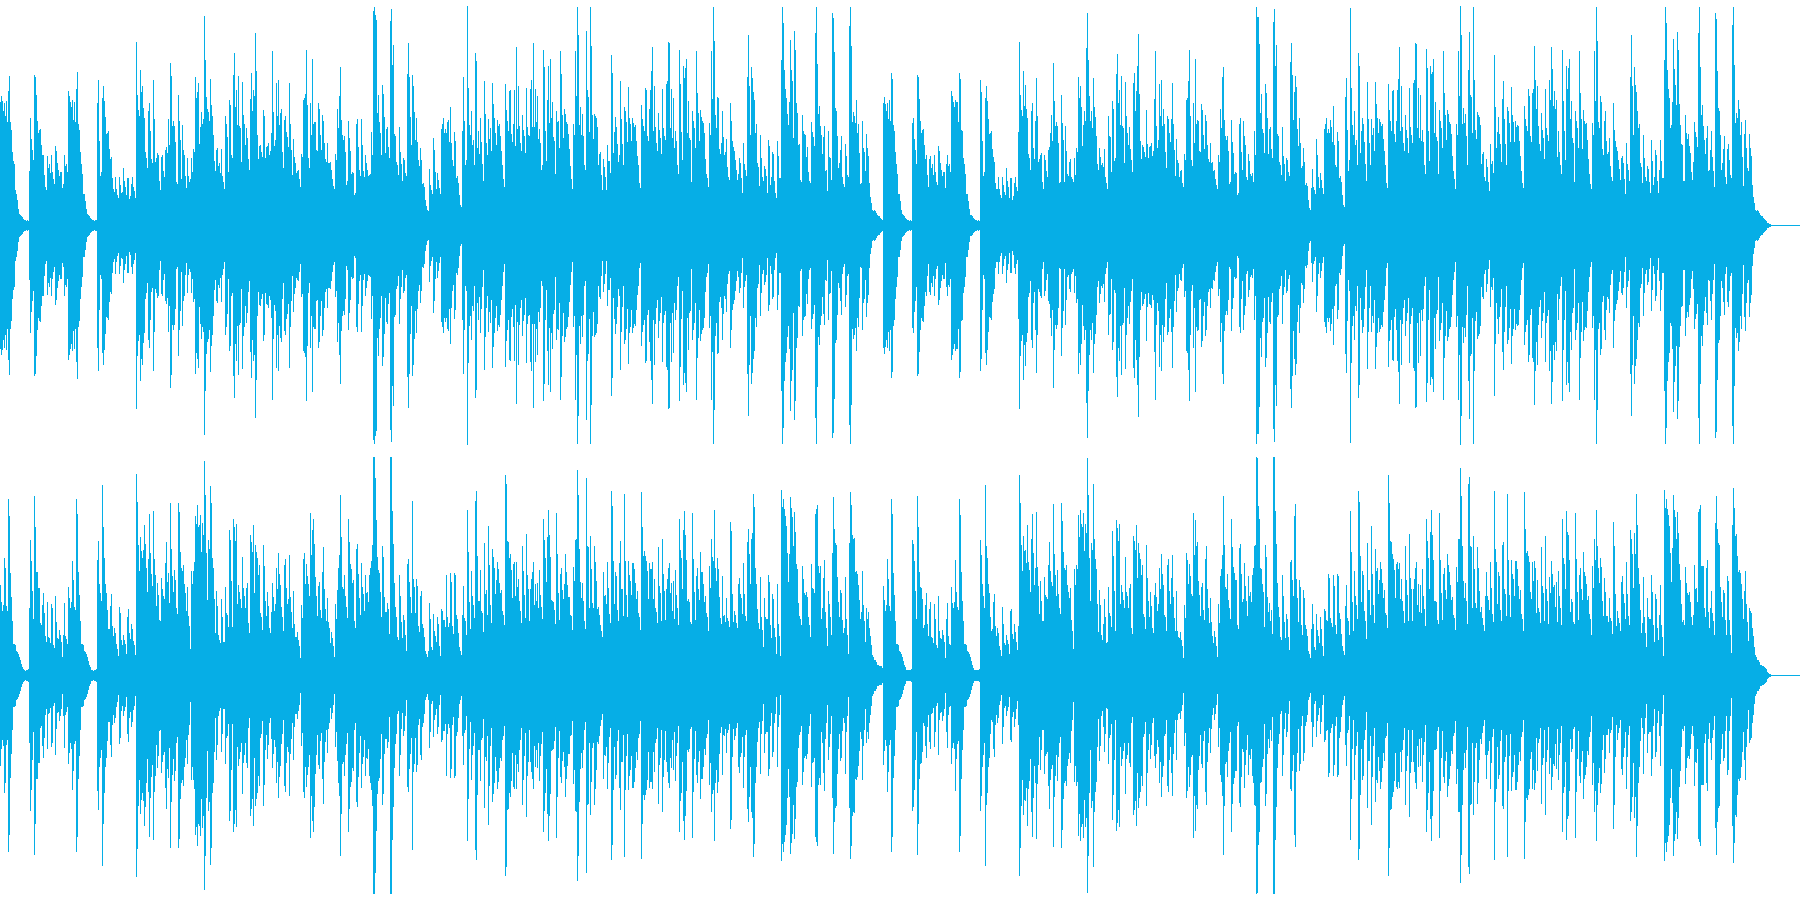 しんと静まり返るようなソロ・ピアノ曲の再生済みの波形